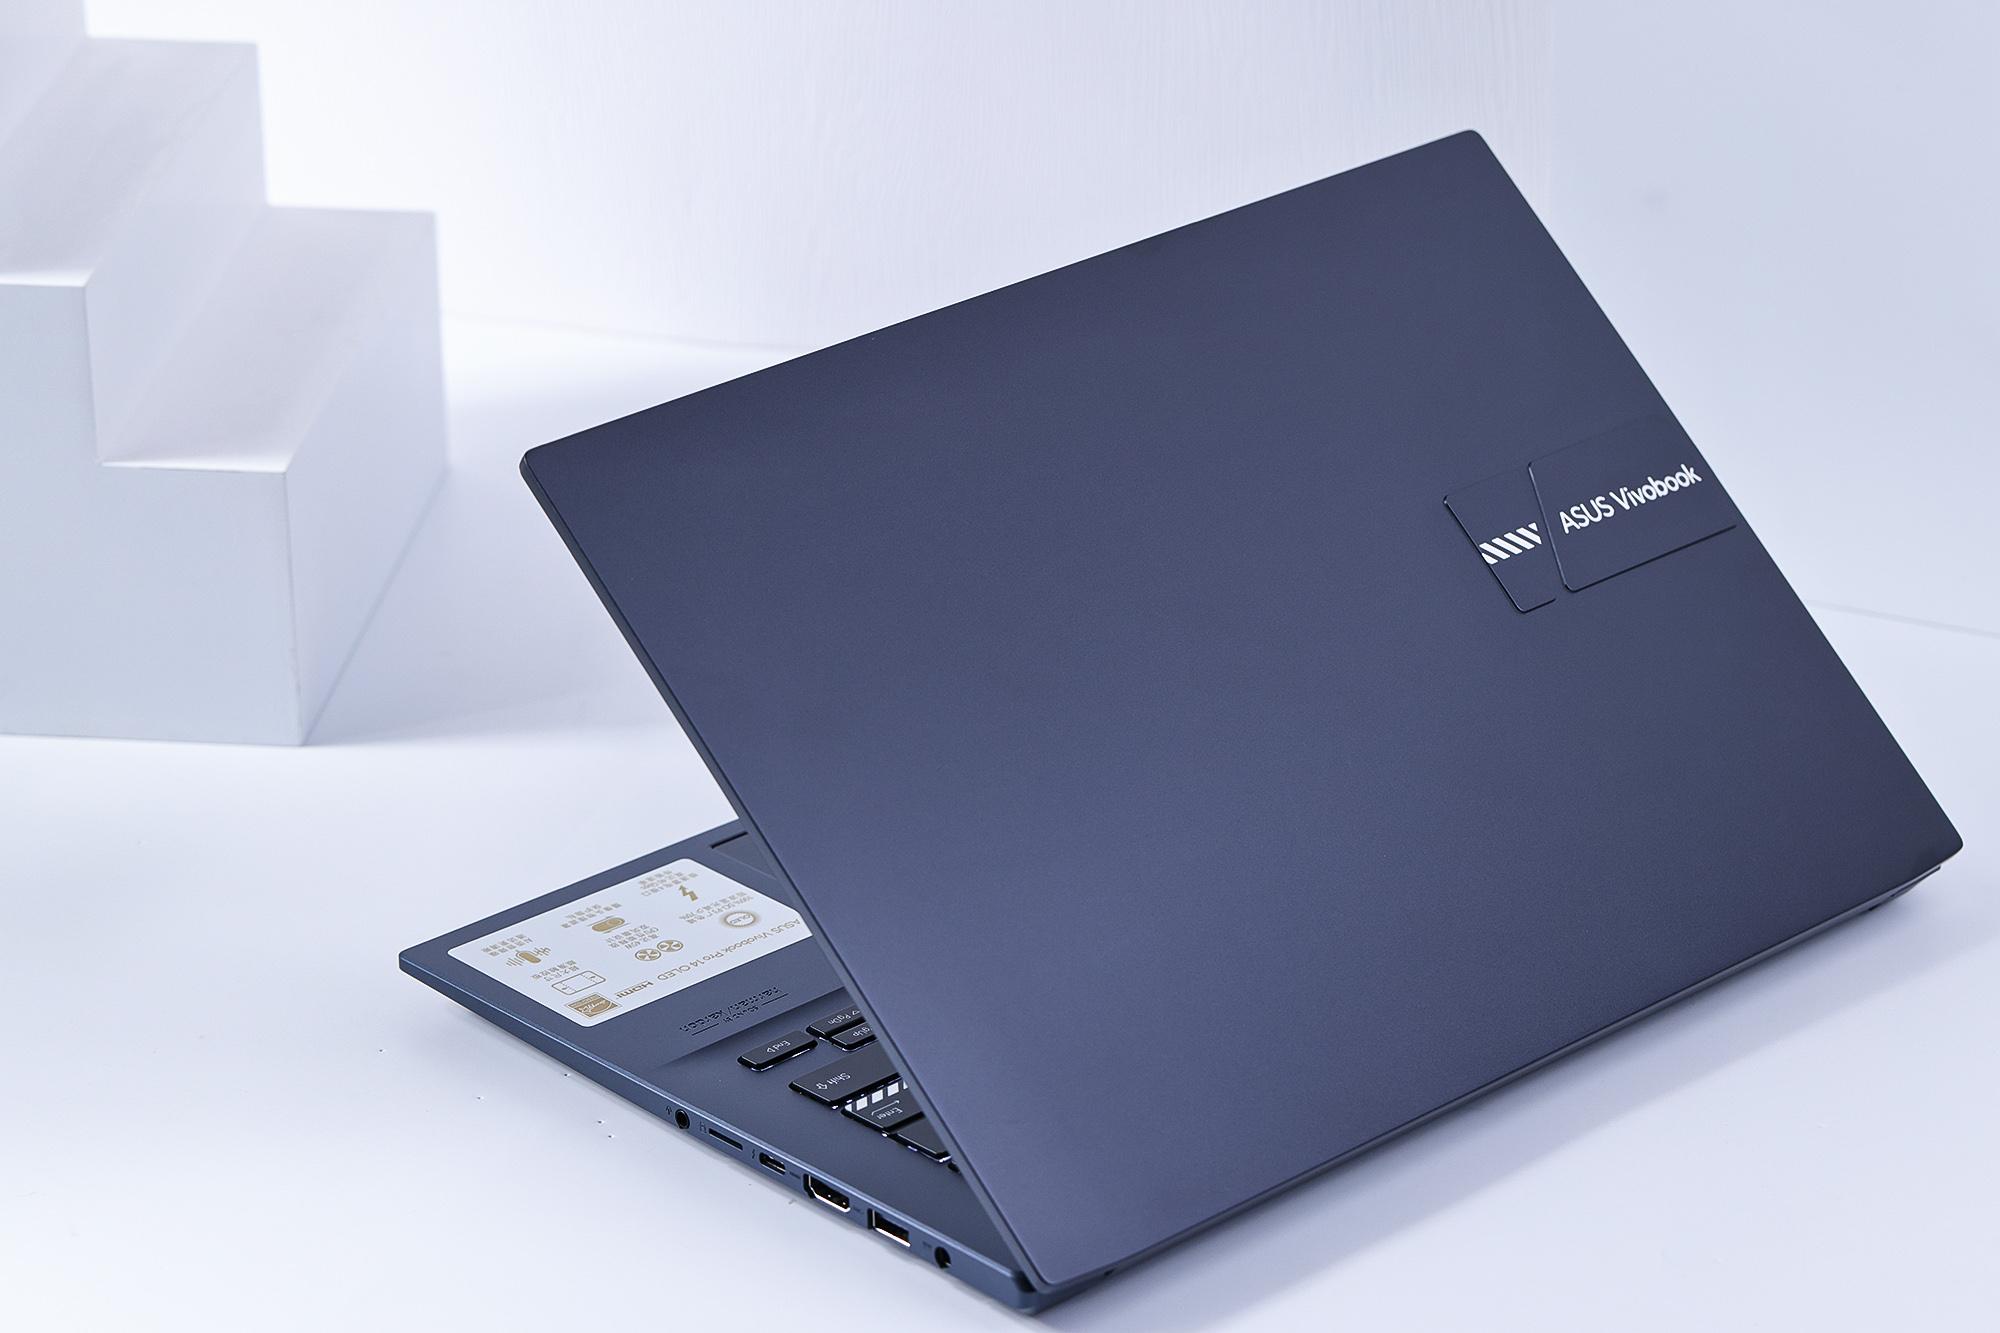 11代酷睿+2.8K好屏 华硕无畏Pro14酷睿版评测